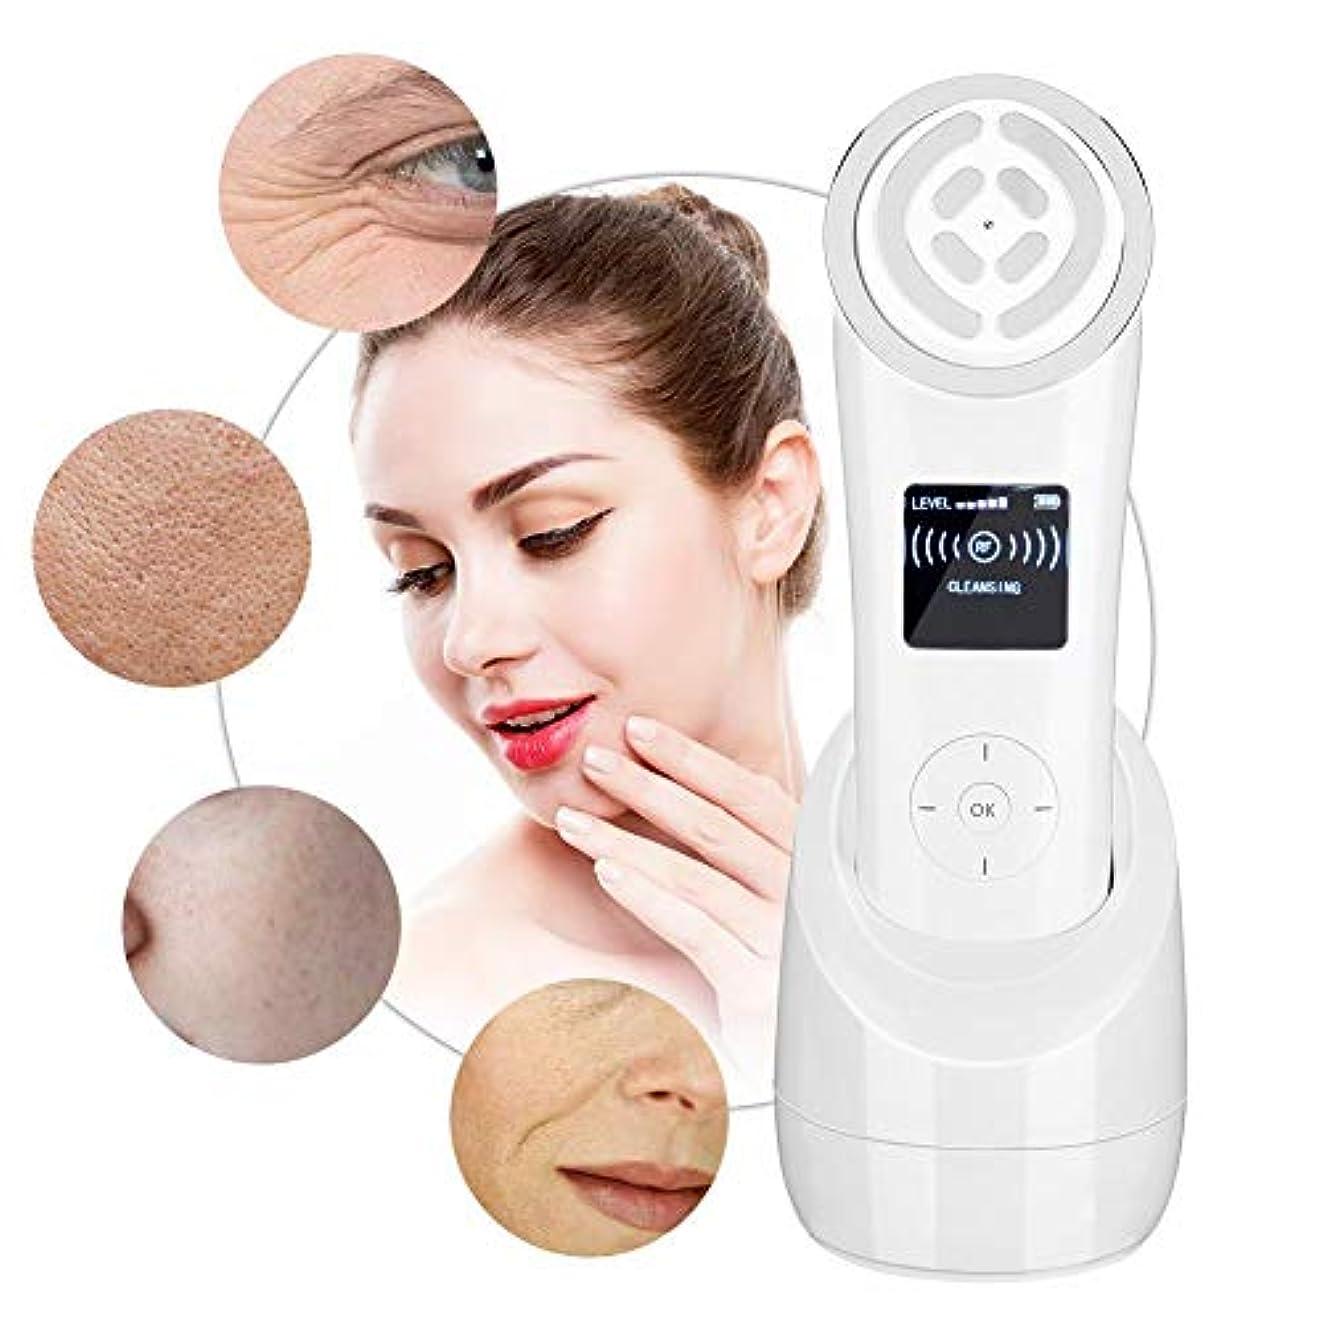 アシュリータファーマン面白いスリチンモイ顔の美しさのマシン - RF周波数アンチエイジングアンチリンクル、肌の若返り楽器 - ポータブル若返り肌がEMS筋肉刺激を強化(UE)